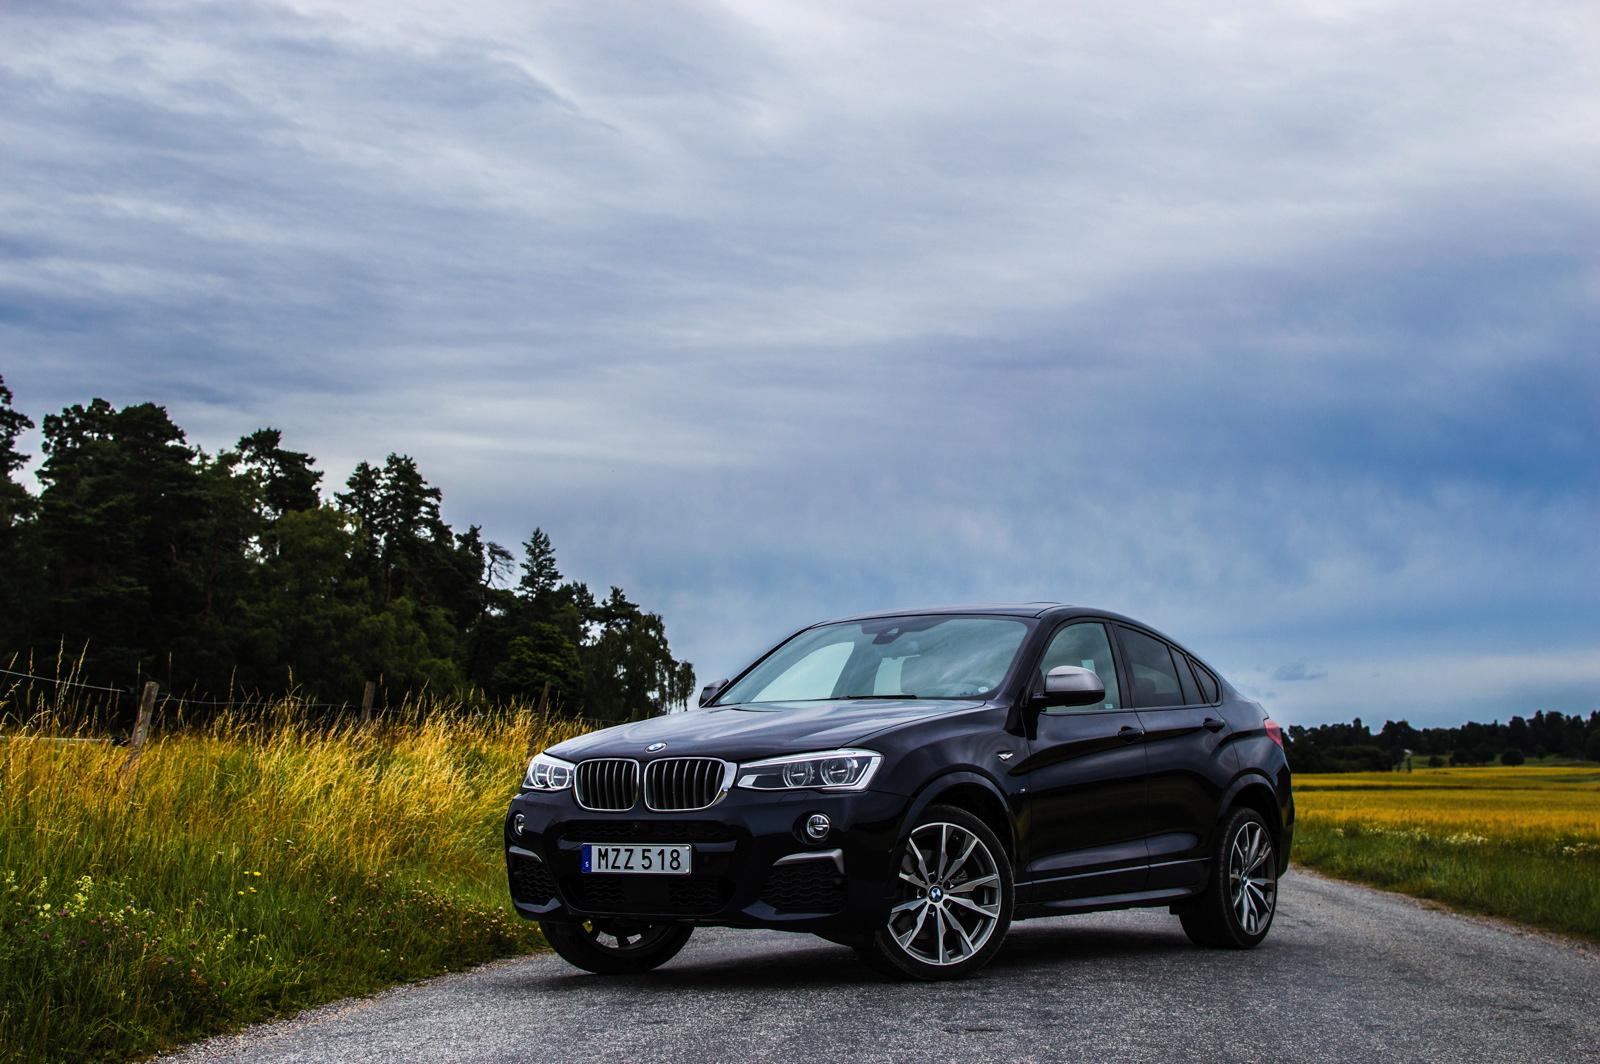 2017 BMW X4 M40i test drive 02